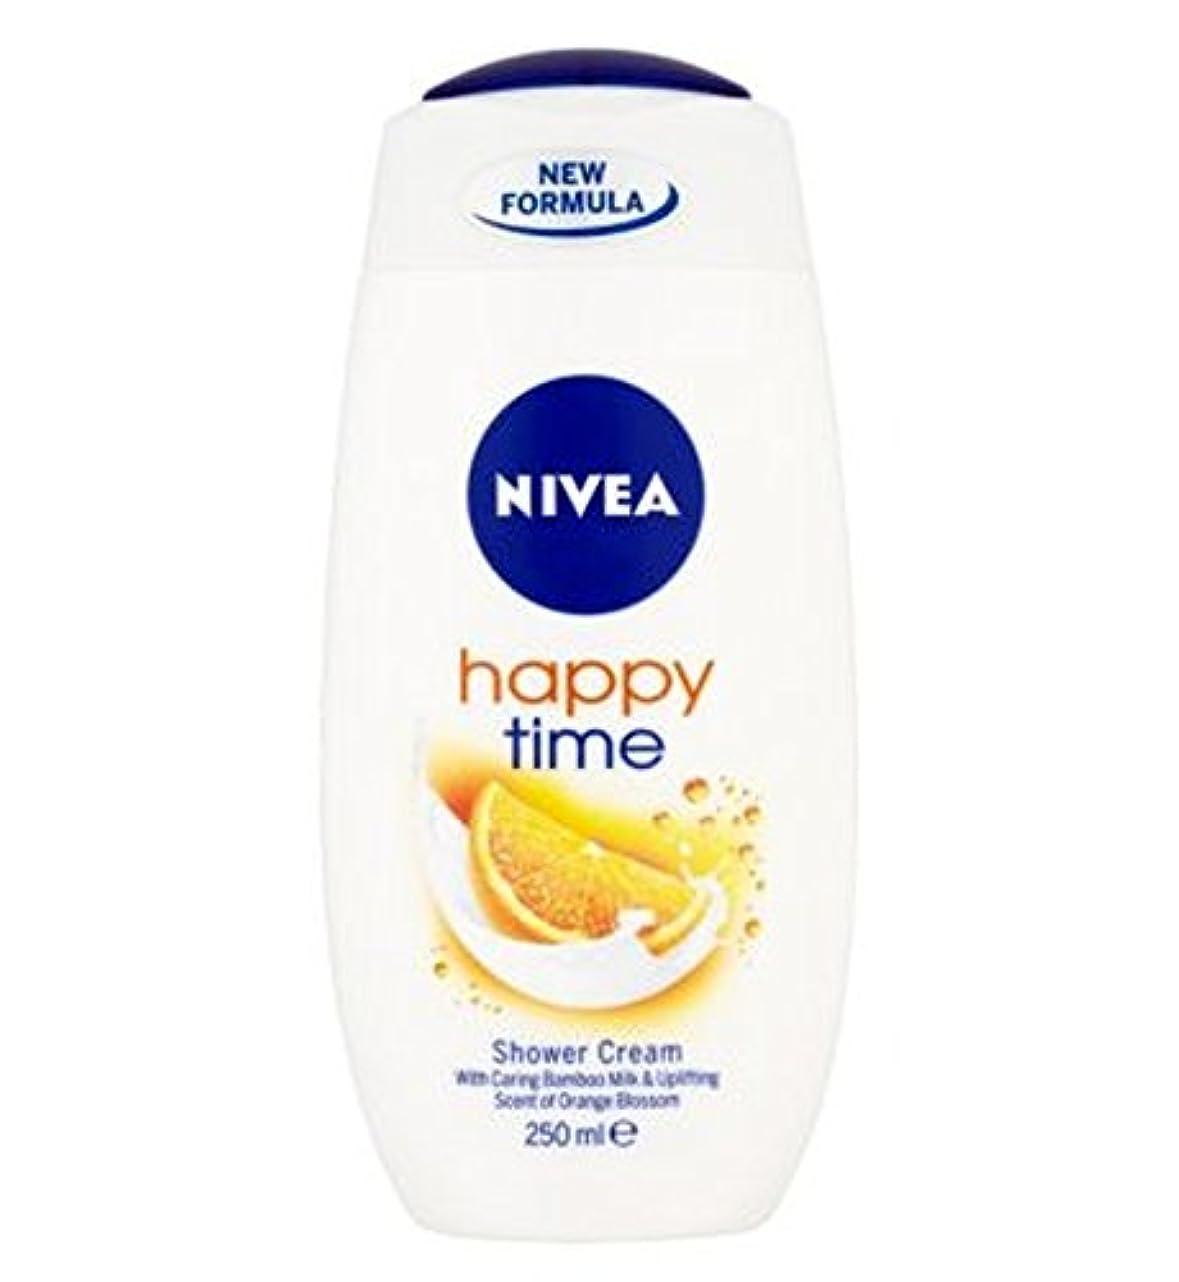 詳細な化学薬品例ニベア幸せな時間シャワークリーム250ミリリットル (Nivea) (x2) - NIVEA Happy Time Shower Cream 250ml (Pack of 2) [並行輸入品]